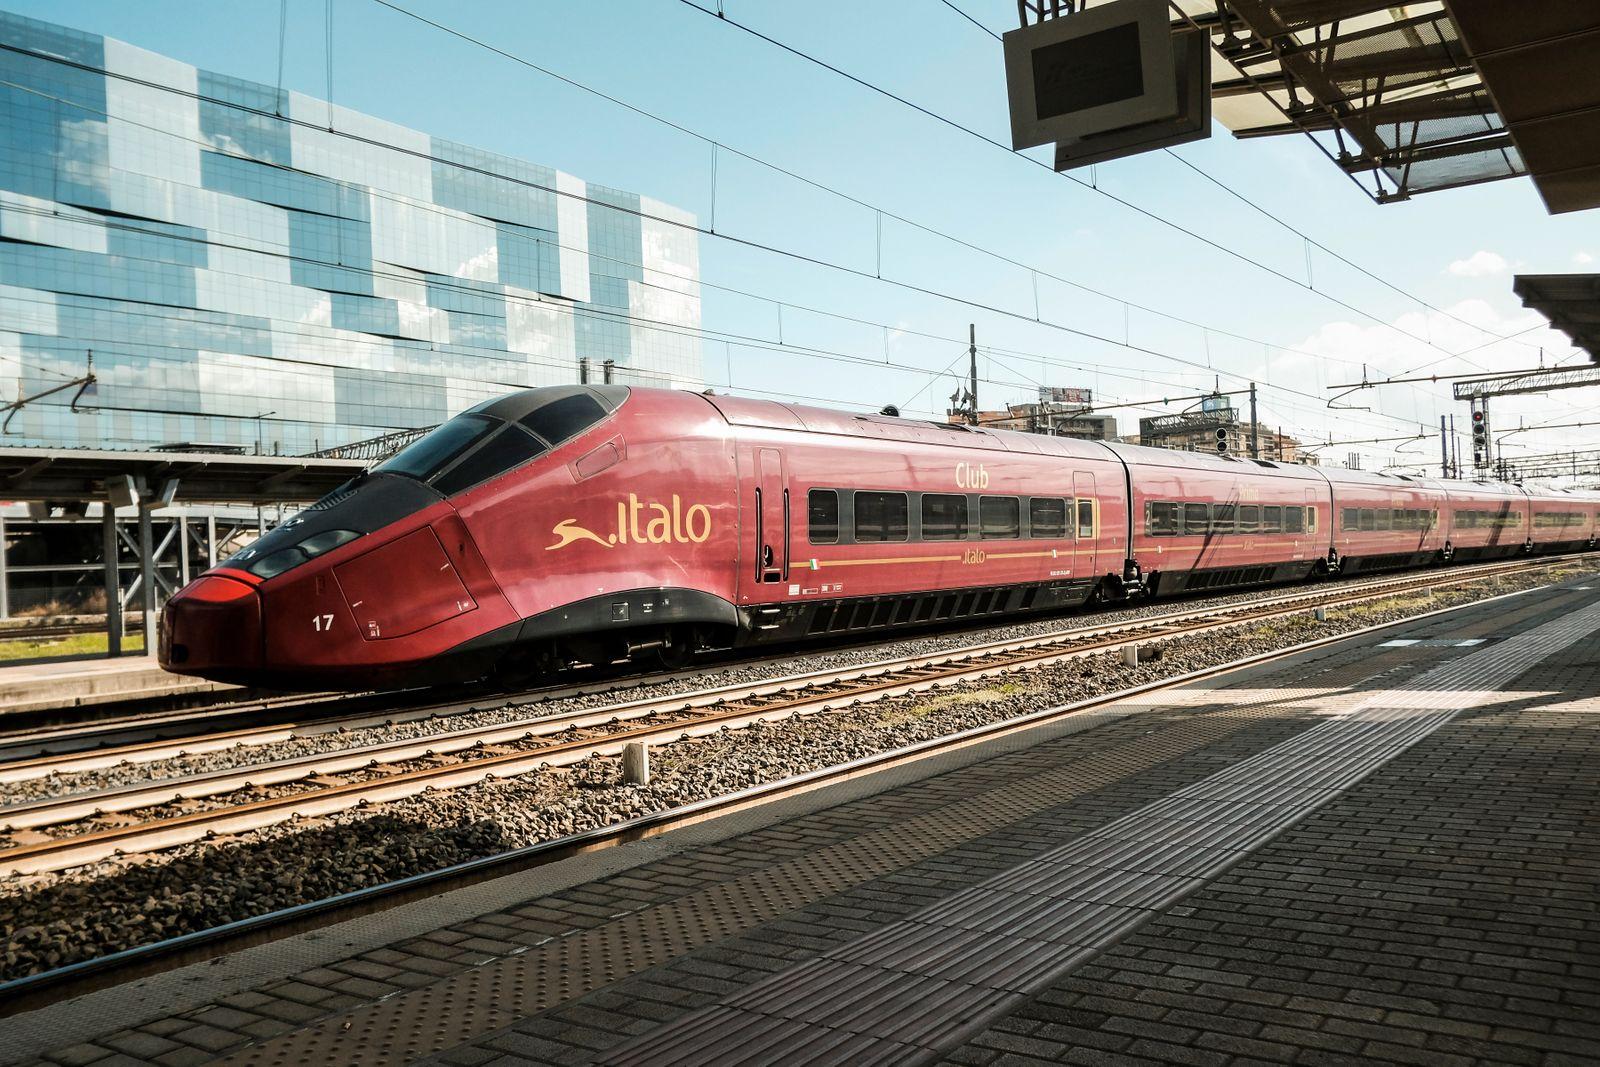 ITALY-ECONOMY-TRANSPORT-TRAIN-ITALO-GIP